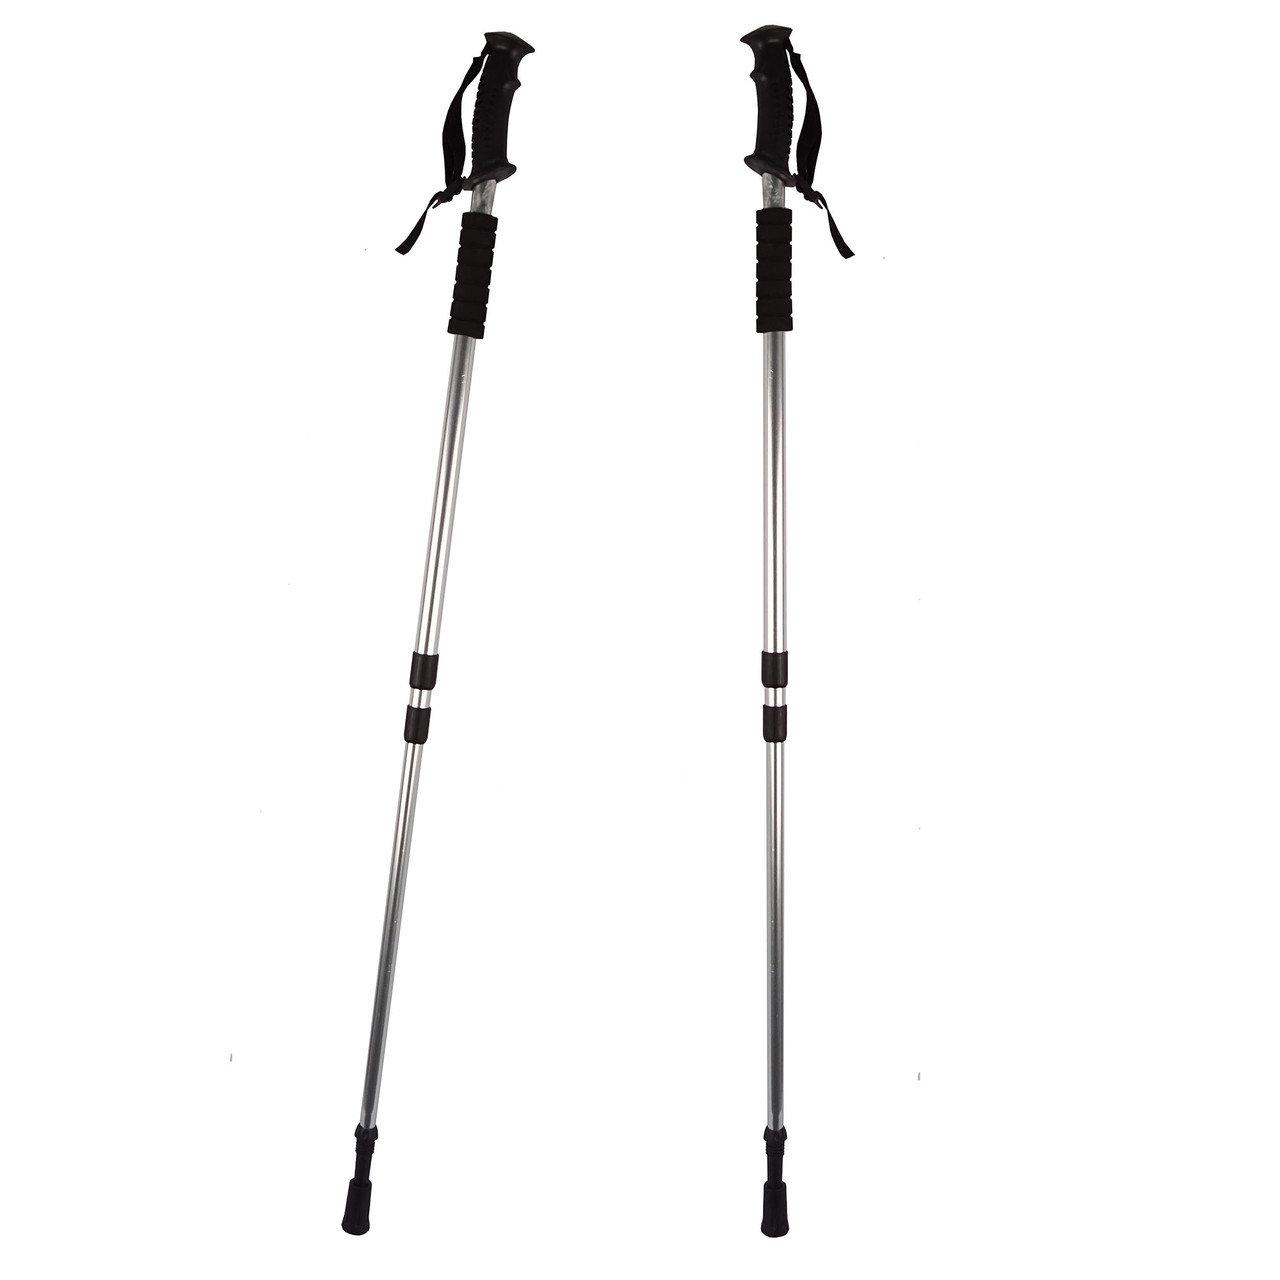 Палки телескопические для скандинавской ходьбы 2 шт